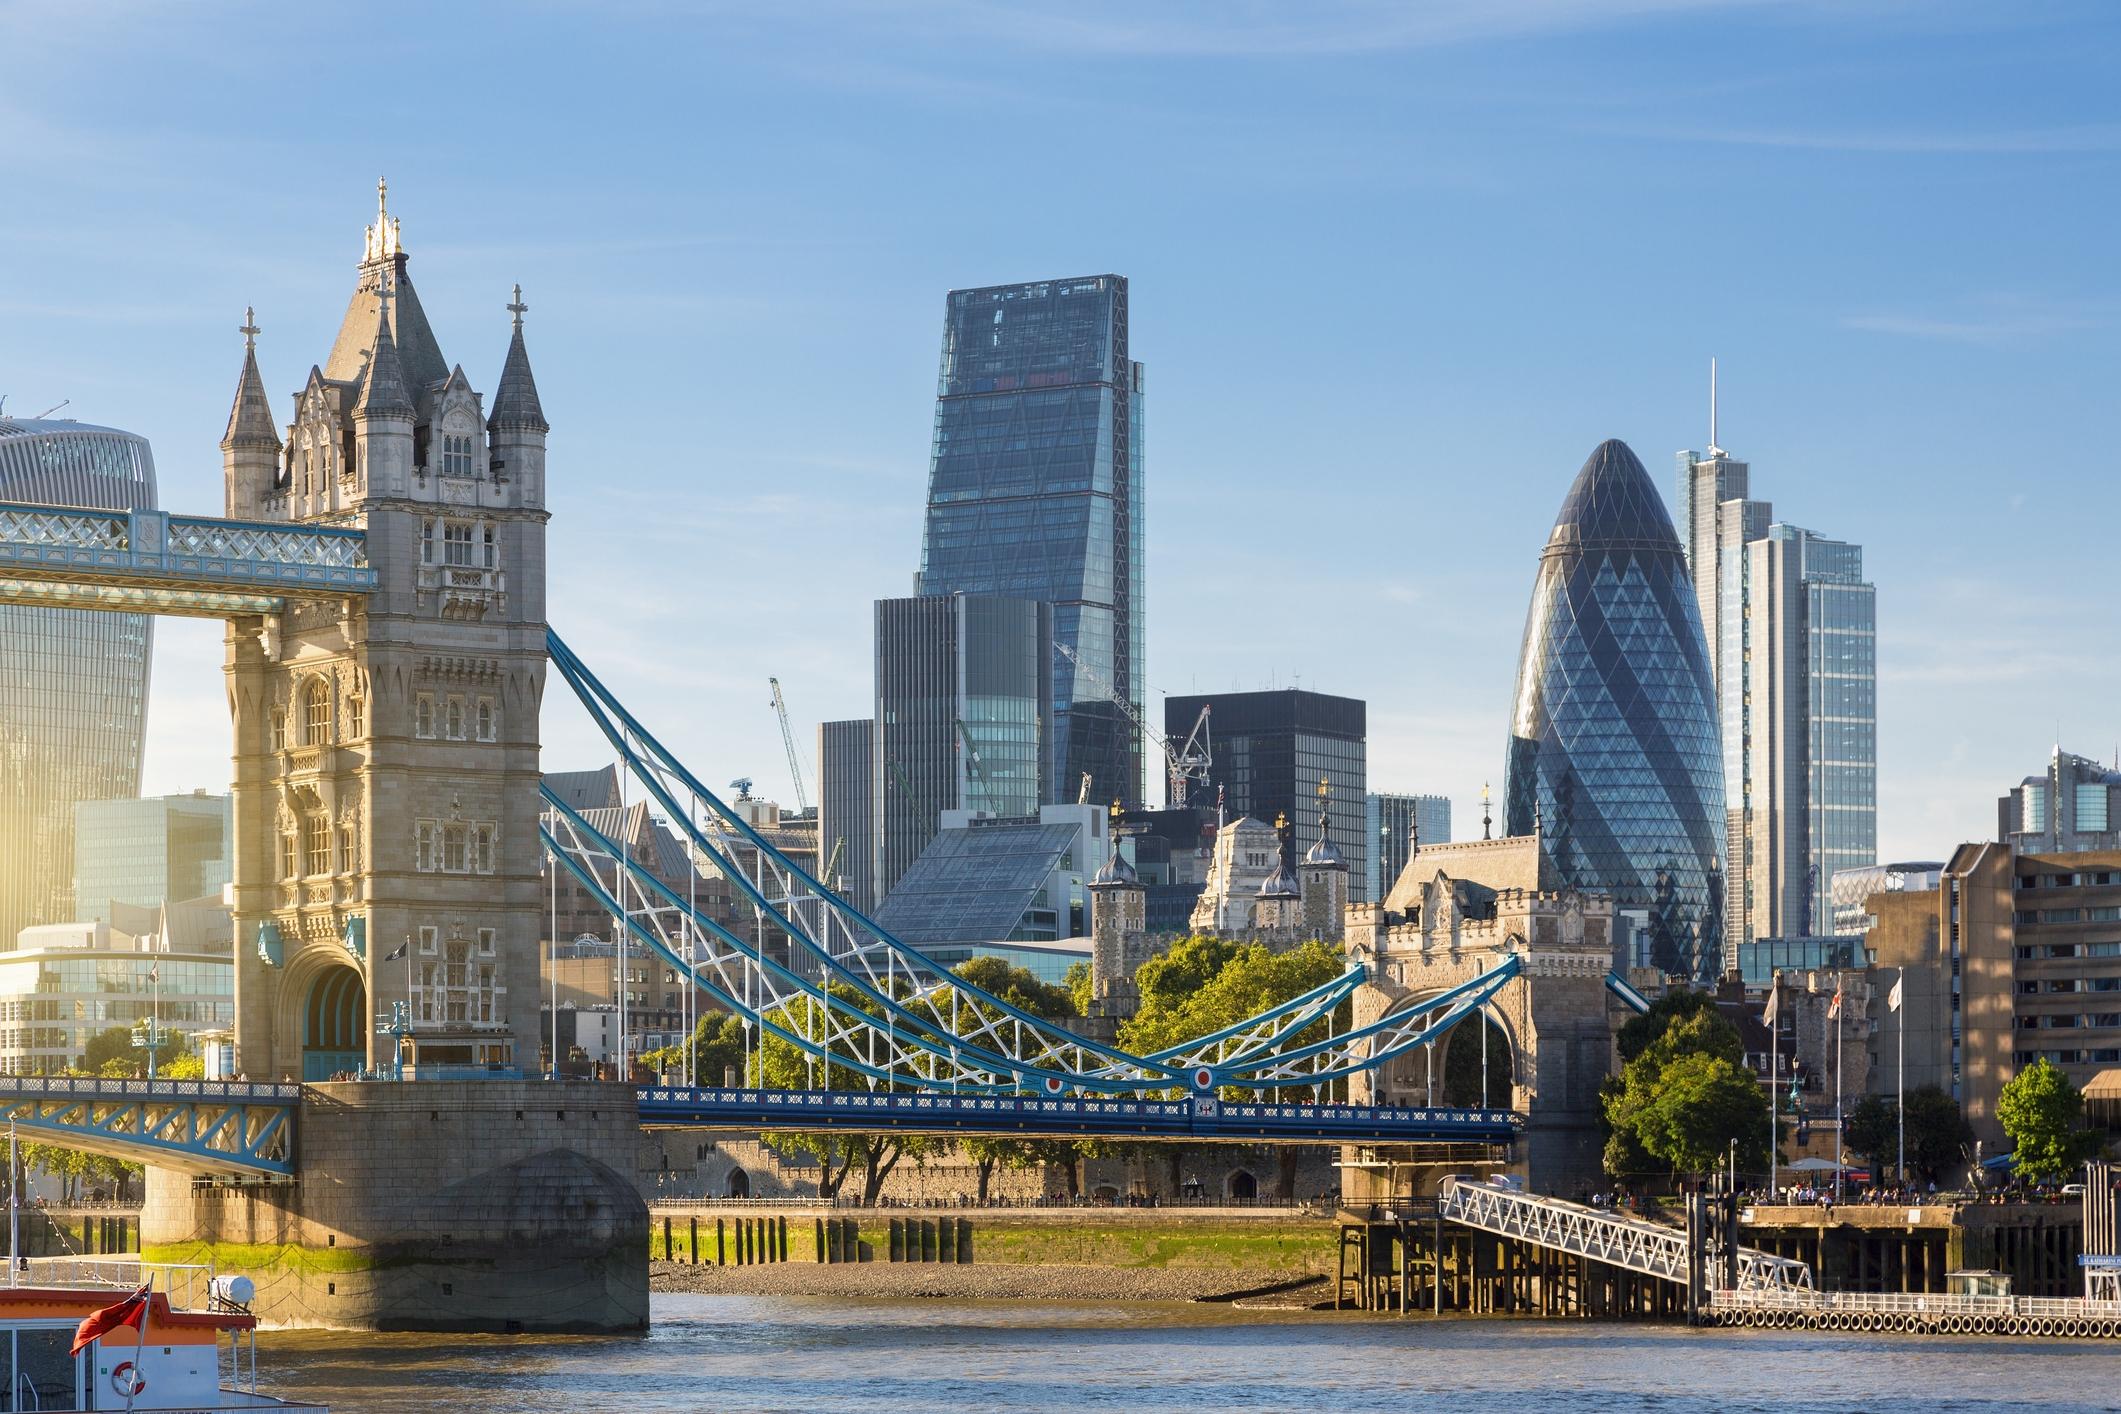 δημοφιλής εφαρμογή ραντεβού στο Λονδίνο γνωριμίες με ξύλο